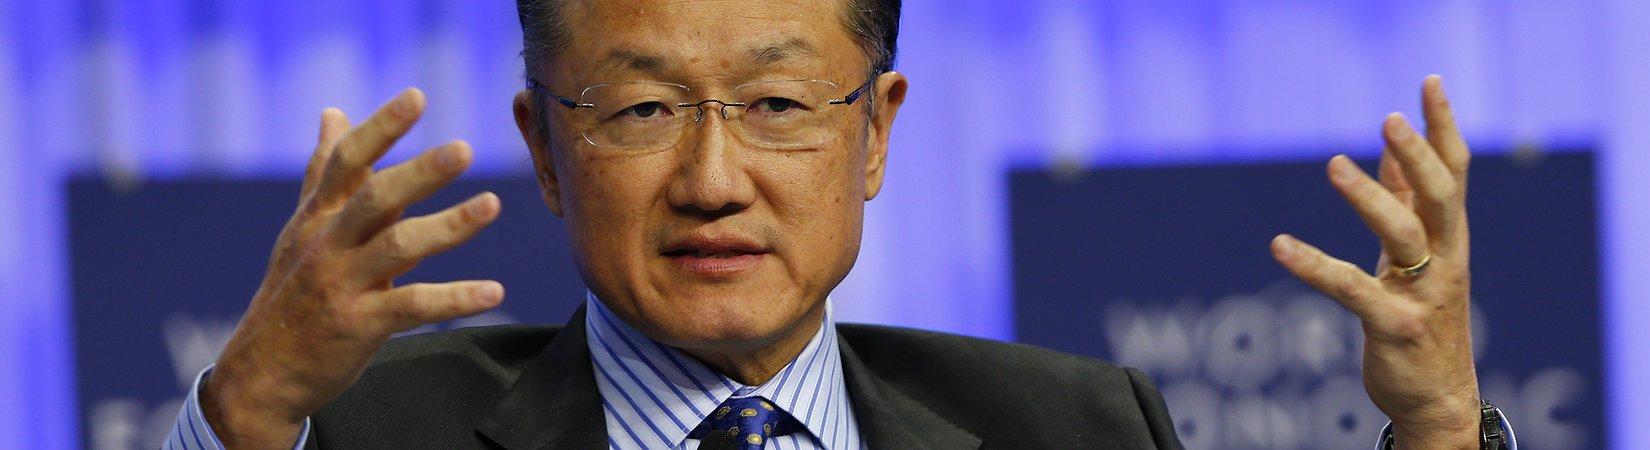 La Banca Mondiale taglia le stime di crescita economica nel 2017 e nel 2018